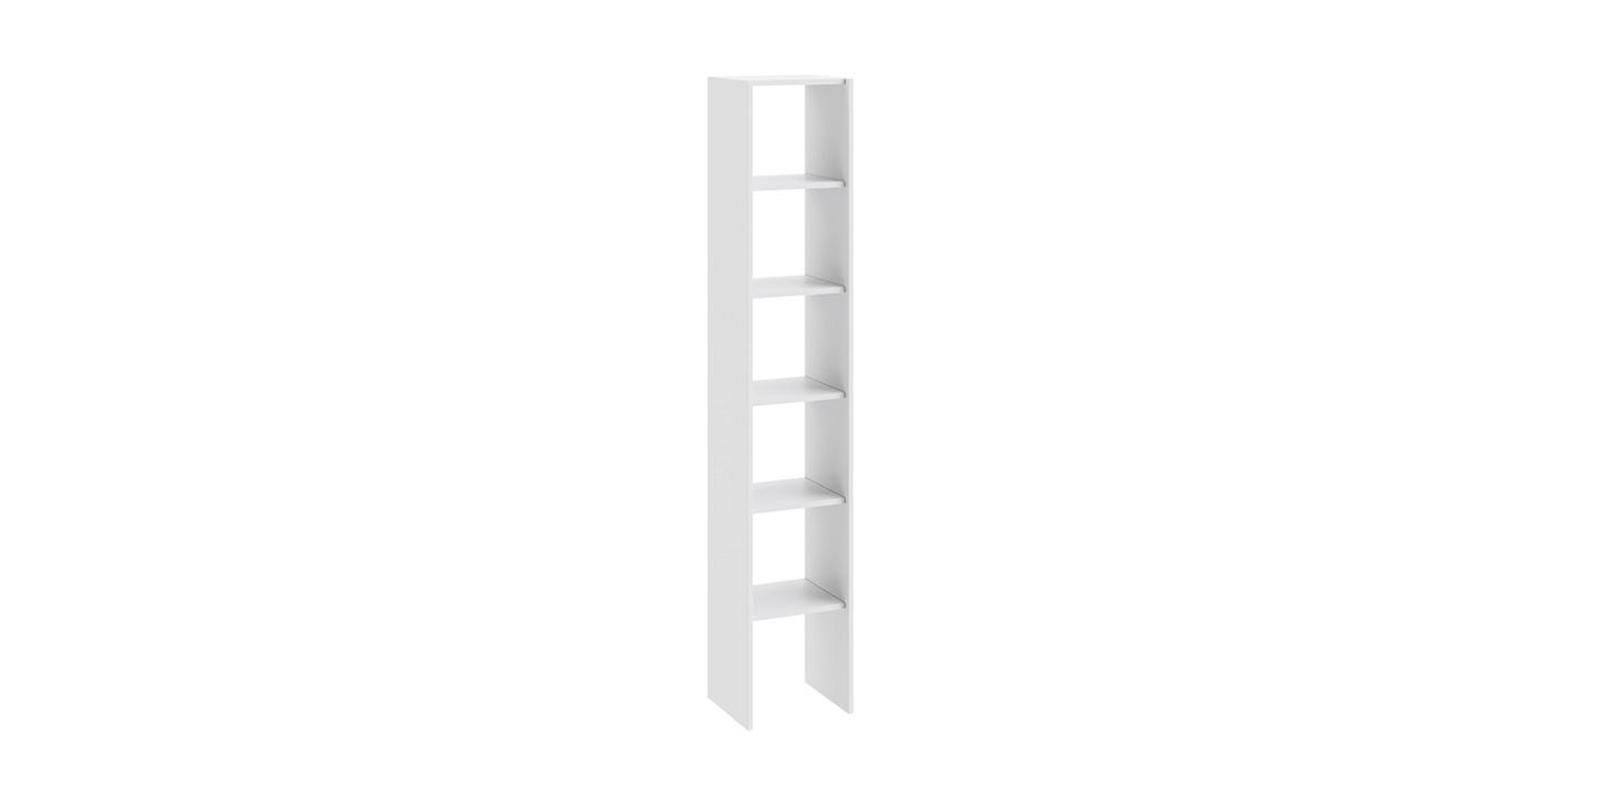 Аксессуары для шкафов Мерида для углового шкафа (белый)